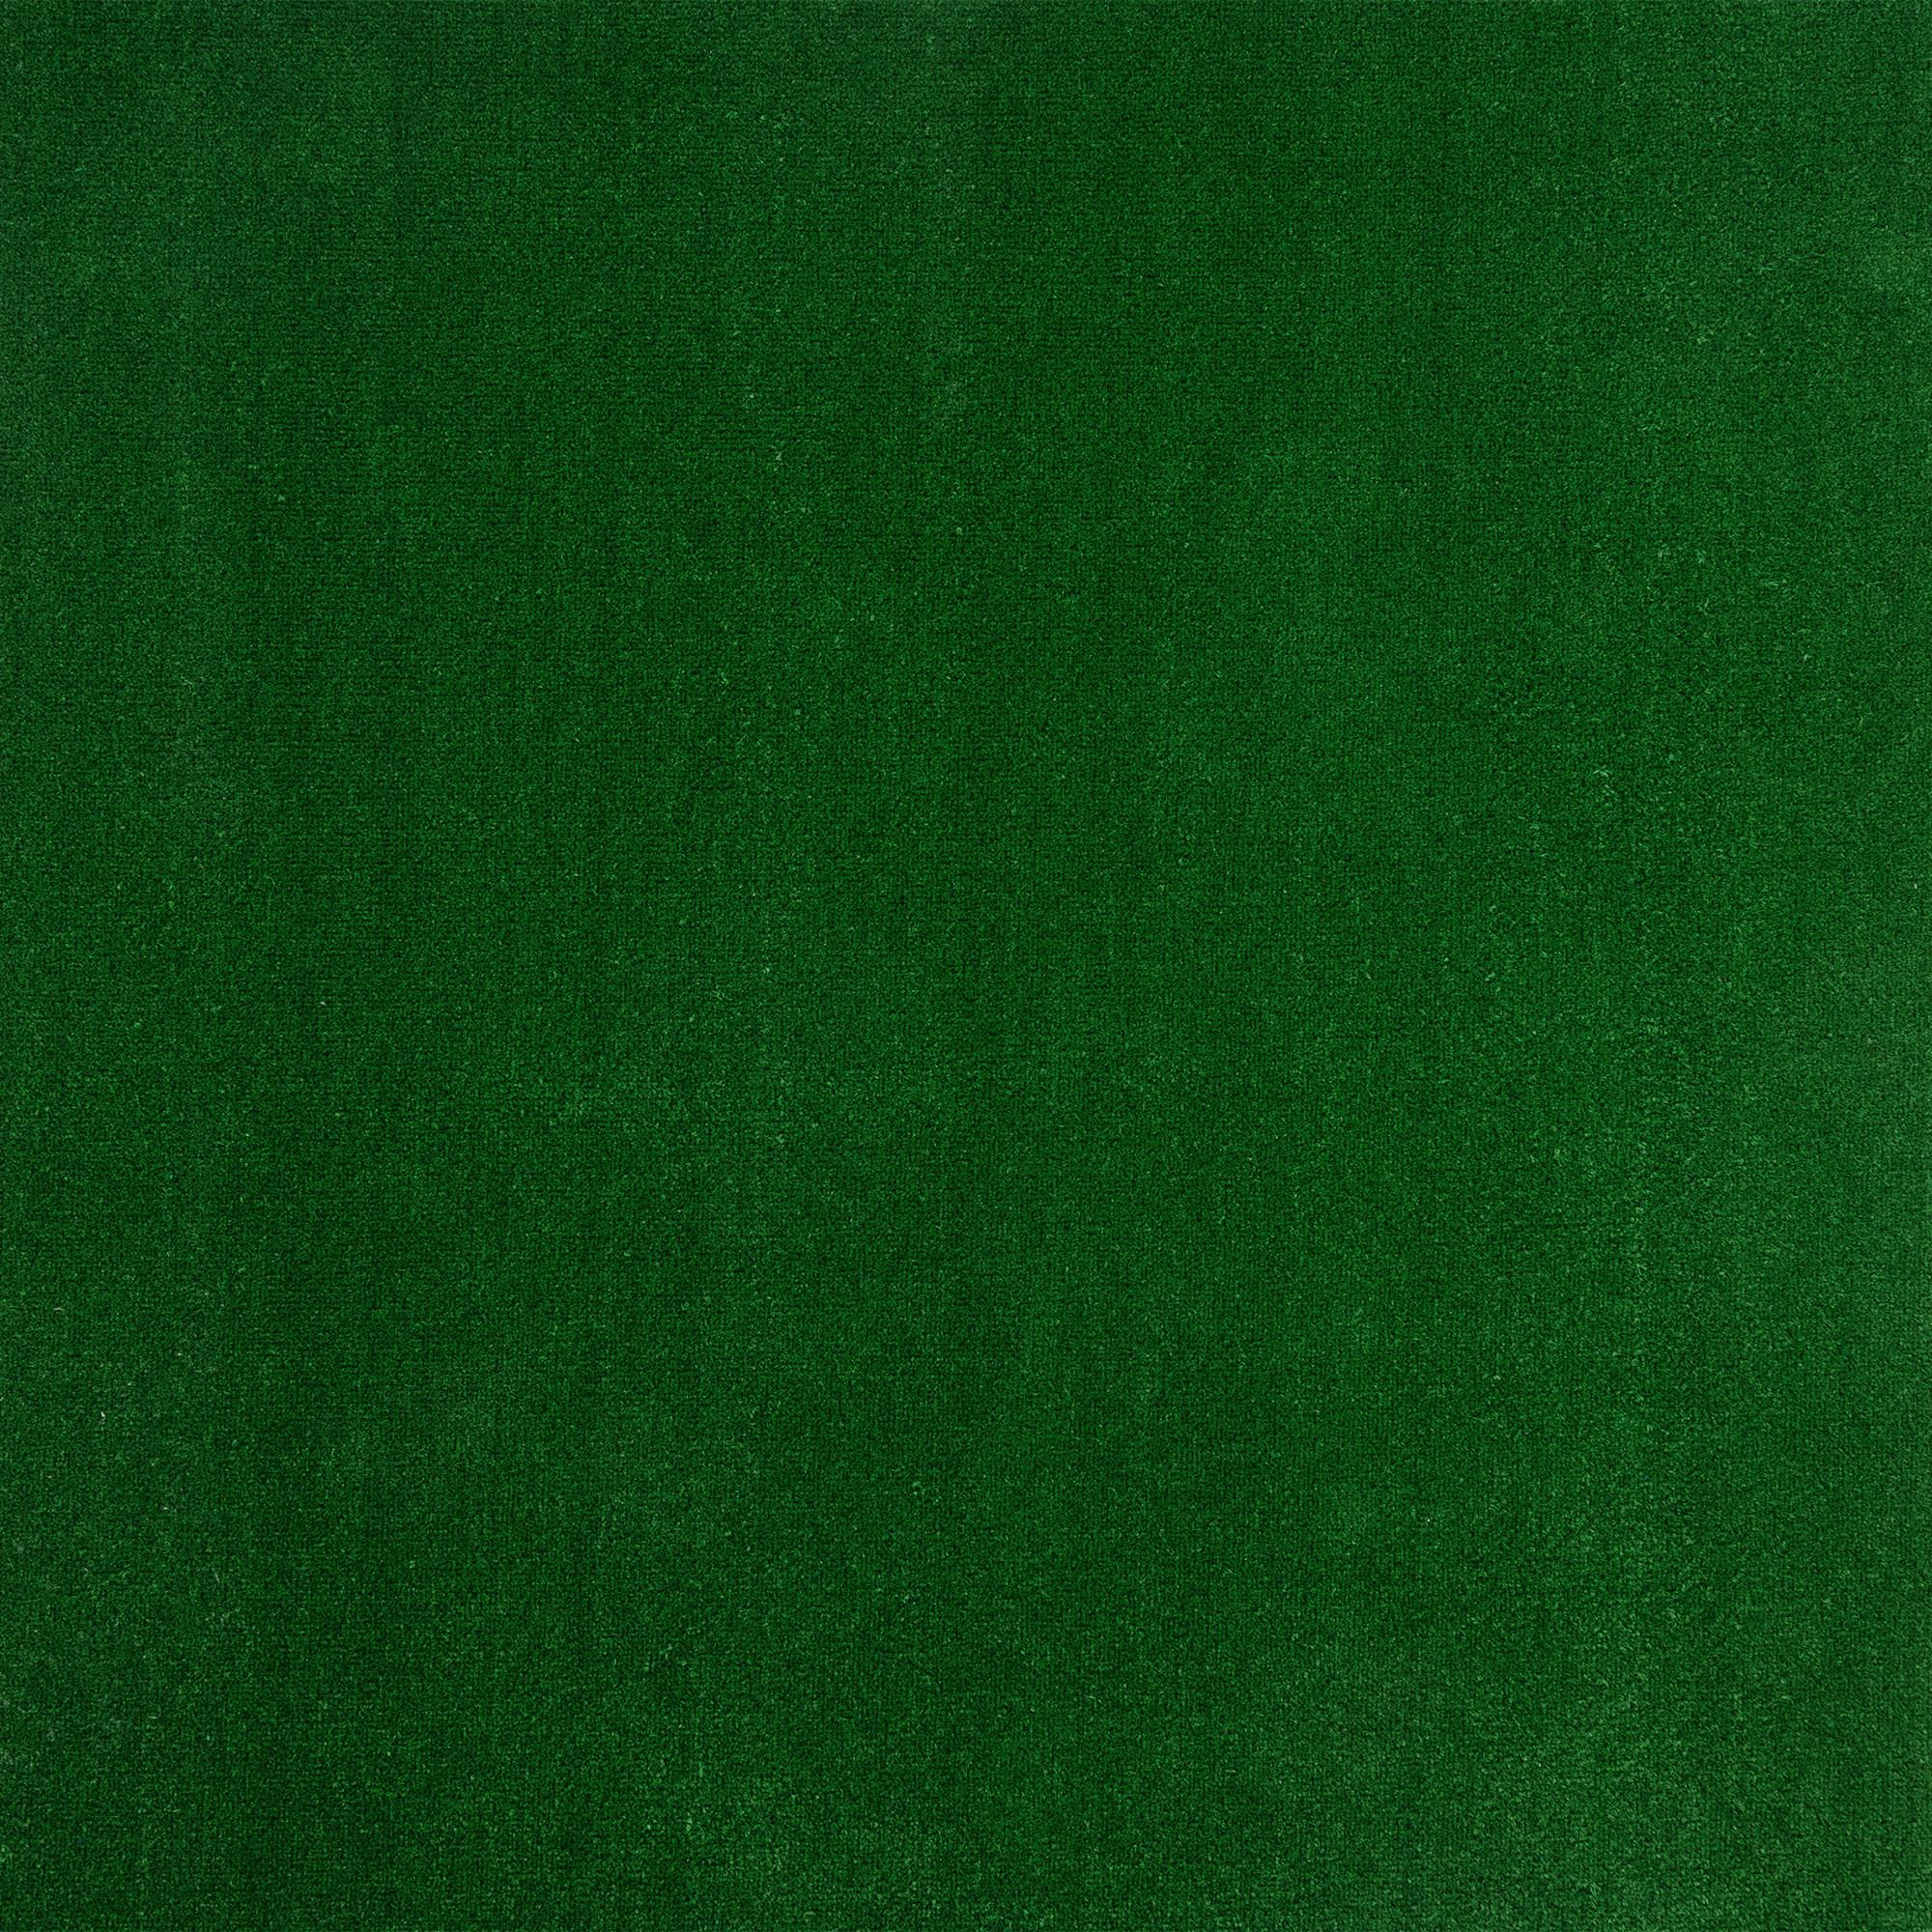 Покрытие искусственное «Трава Grass» толщина 6 мм ширина 4 м на отрез цвет зелёный